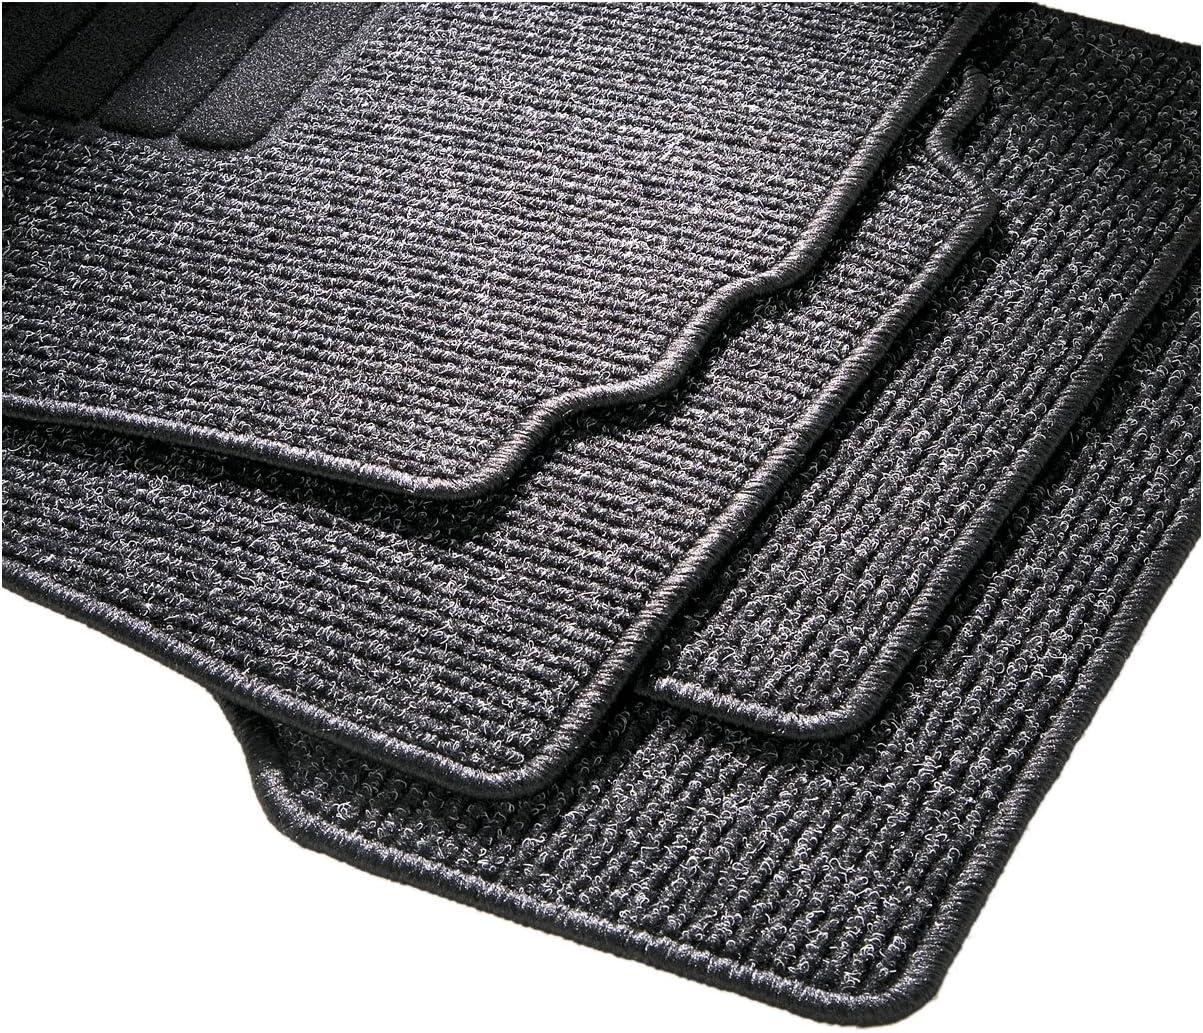 CarFashion 255033 Auto Fussmatten Set ohne Mattenhalter BasicRips-Textil Schwarz 4-teilig